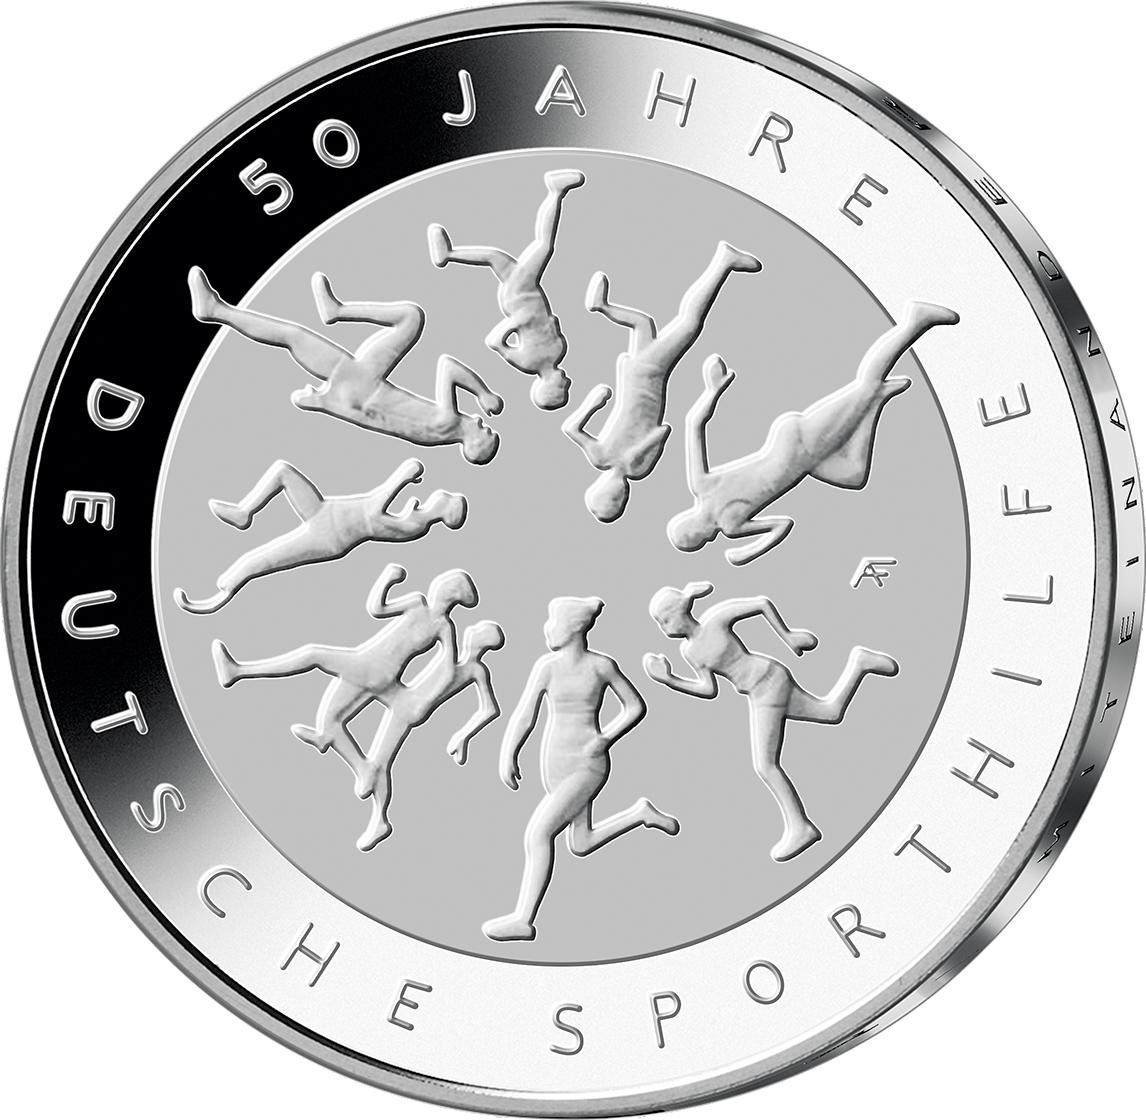 20 Euro Silber Münze Brd 2017 Deutsche Sporthilfe Pp Münzen